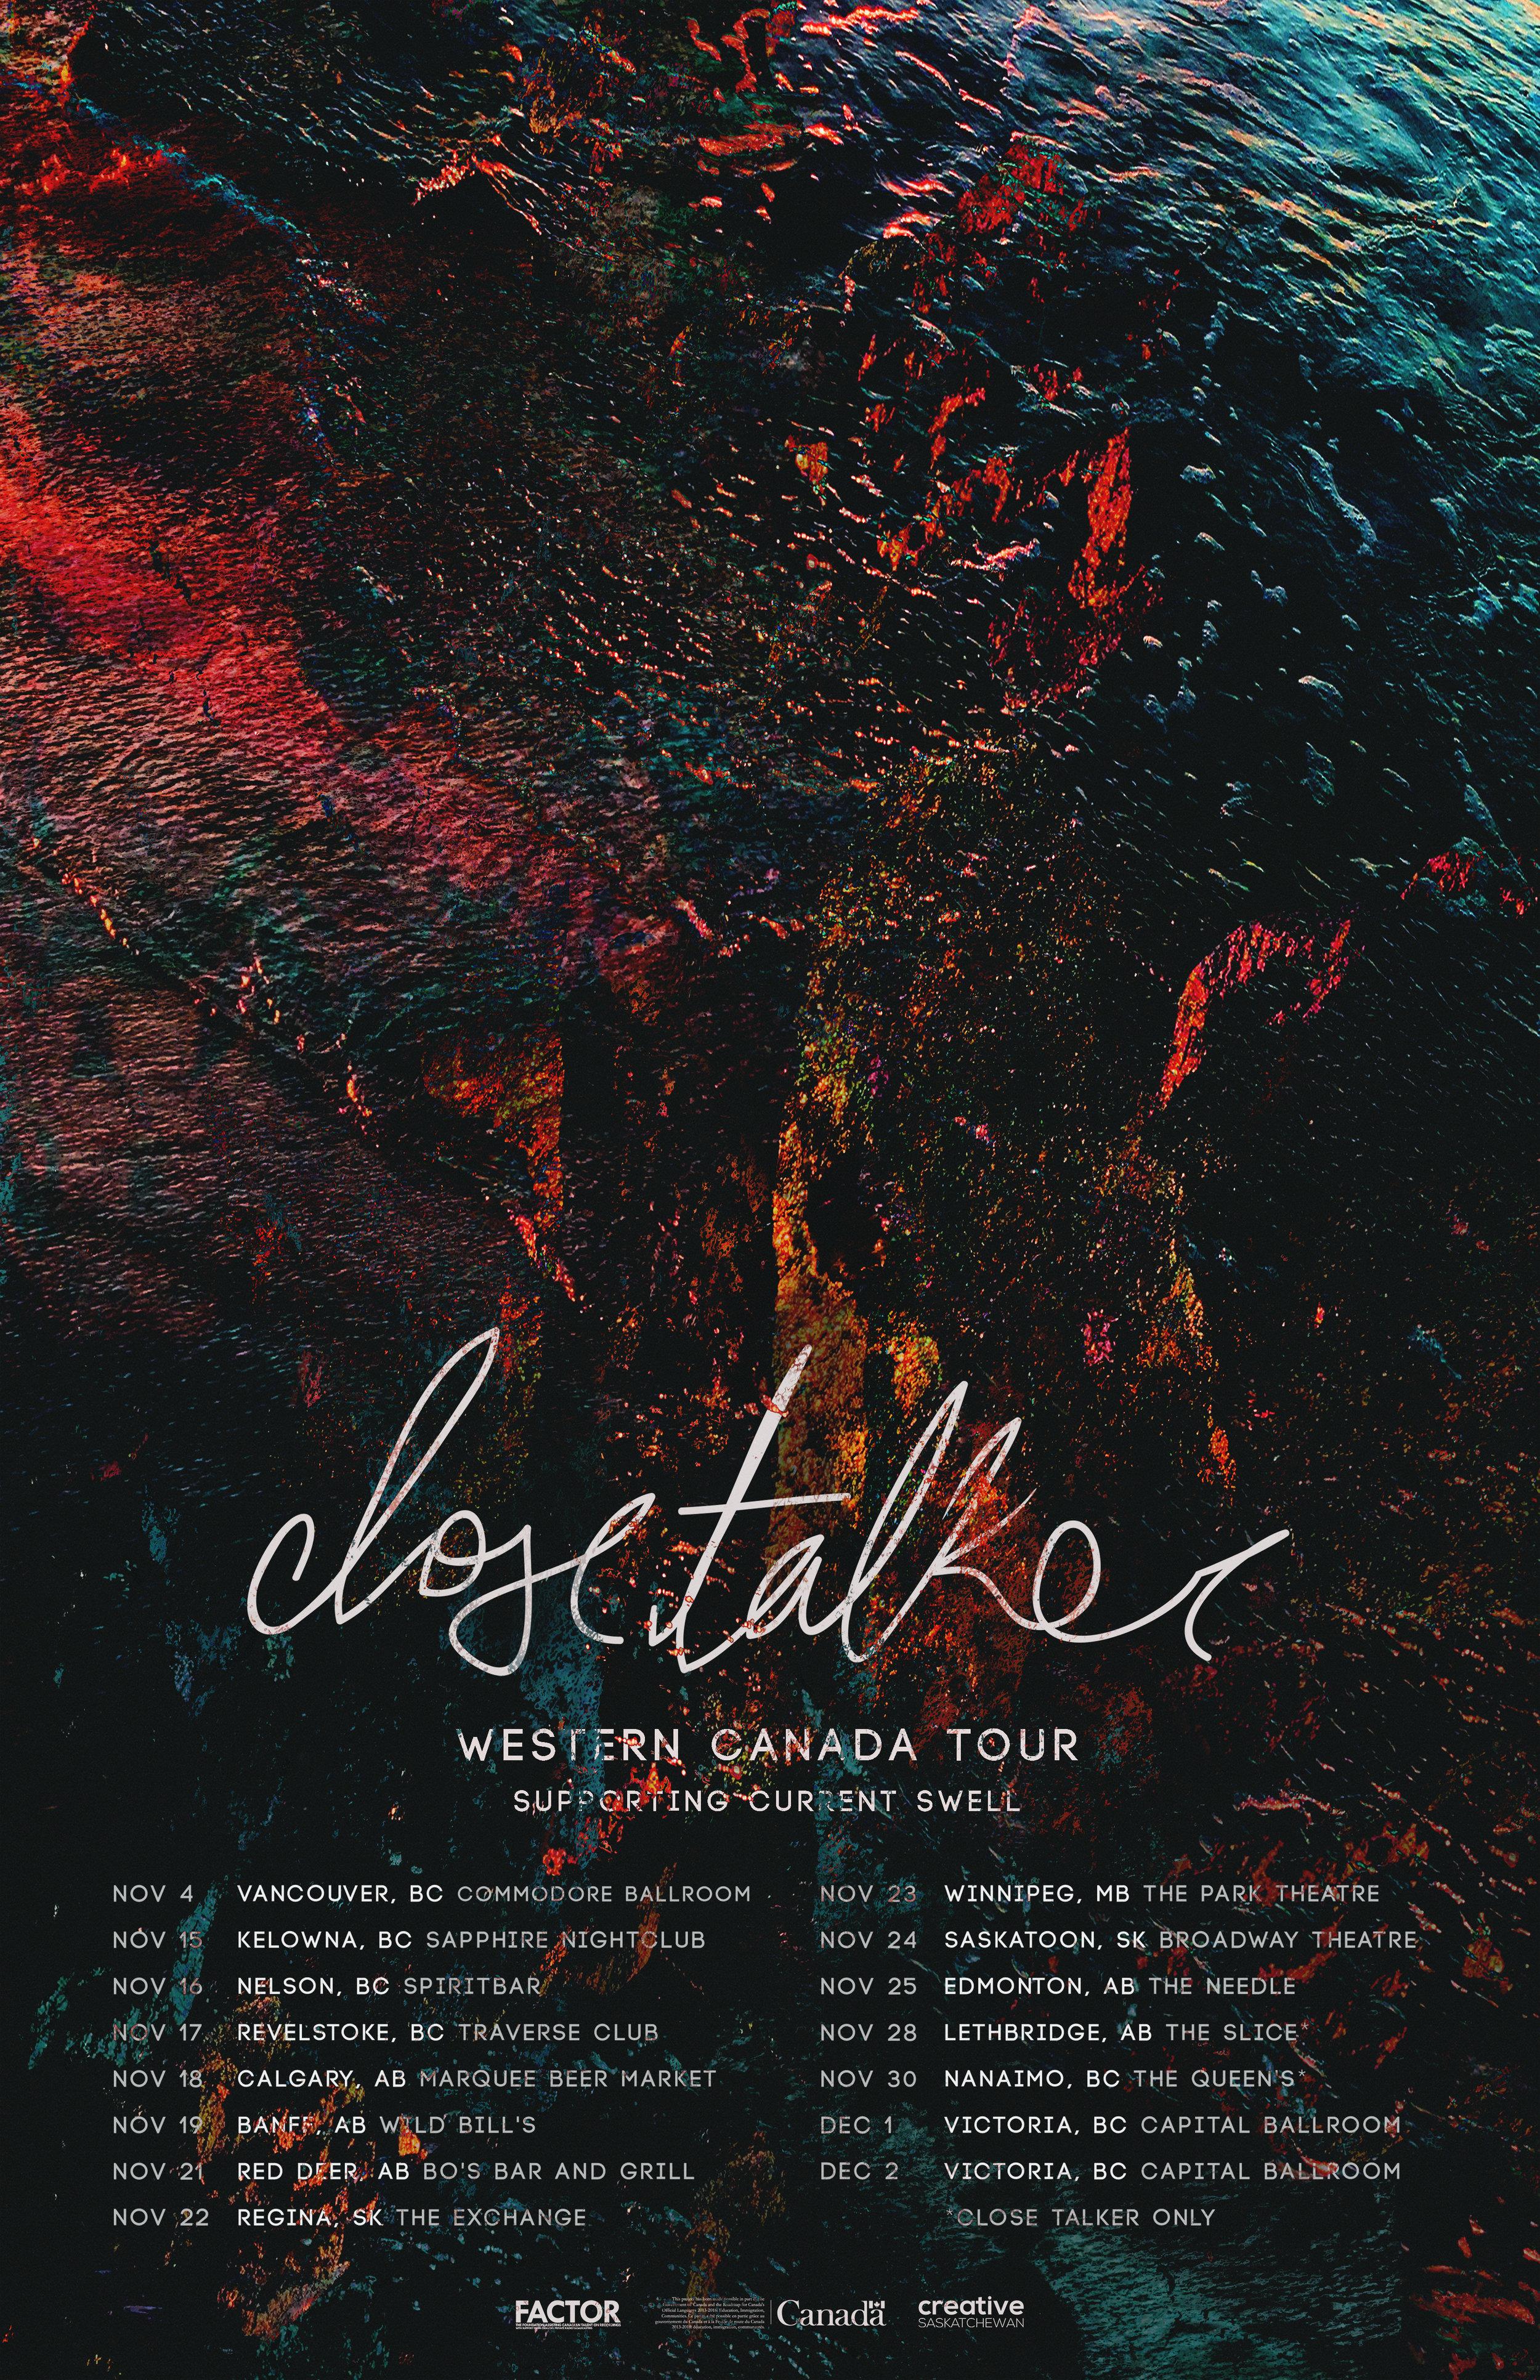 CLOSETALKER_TOUR-NEW_DEMO.jpg